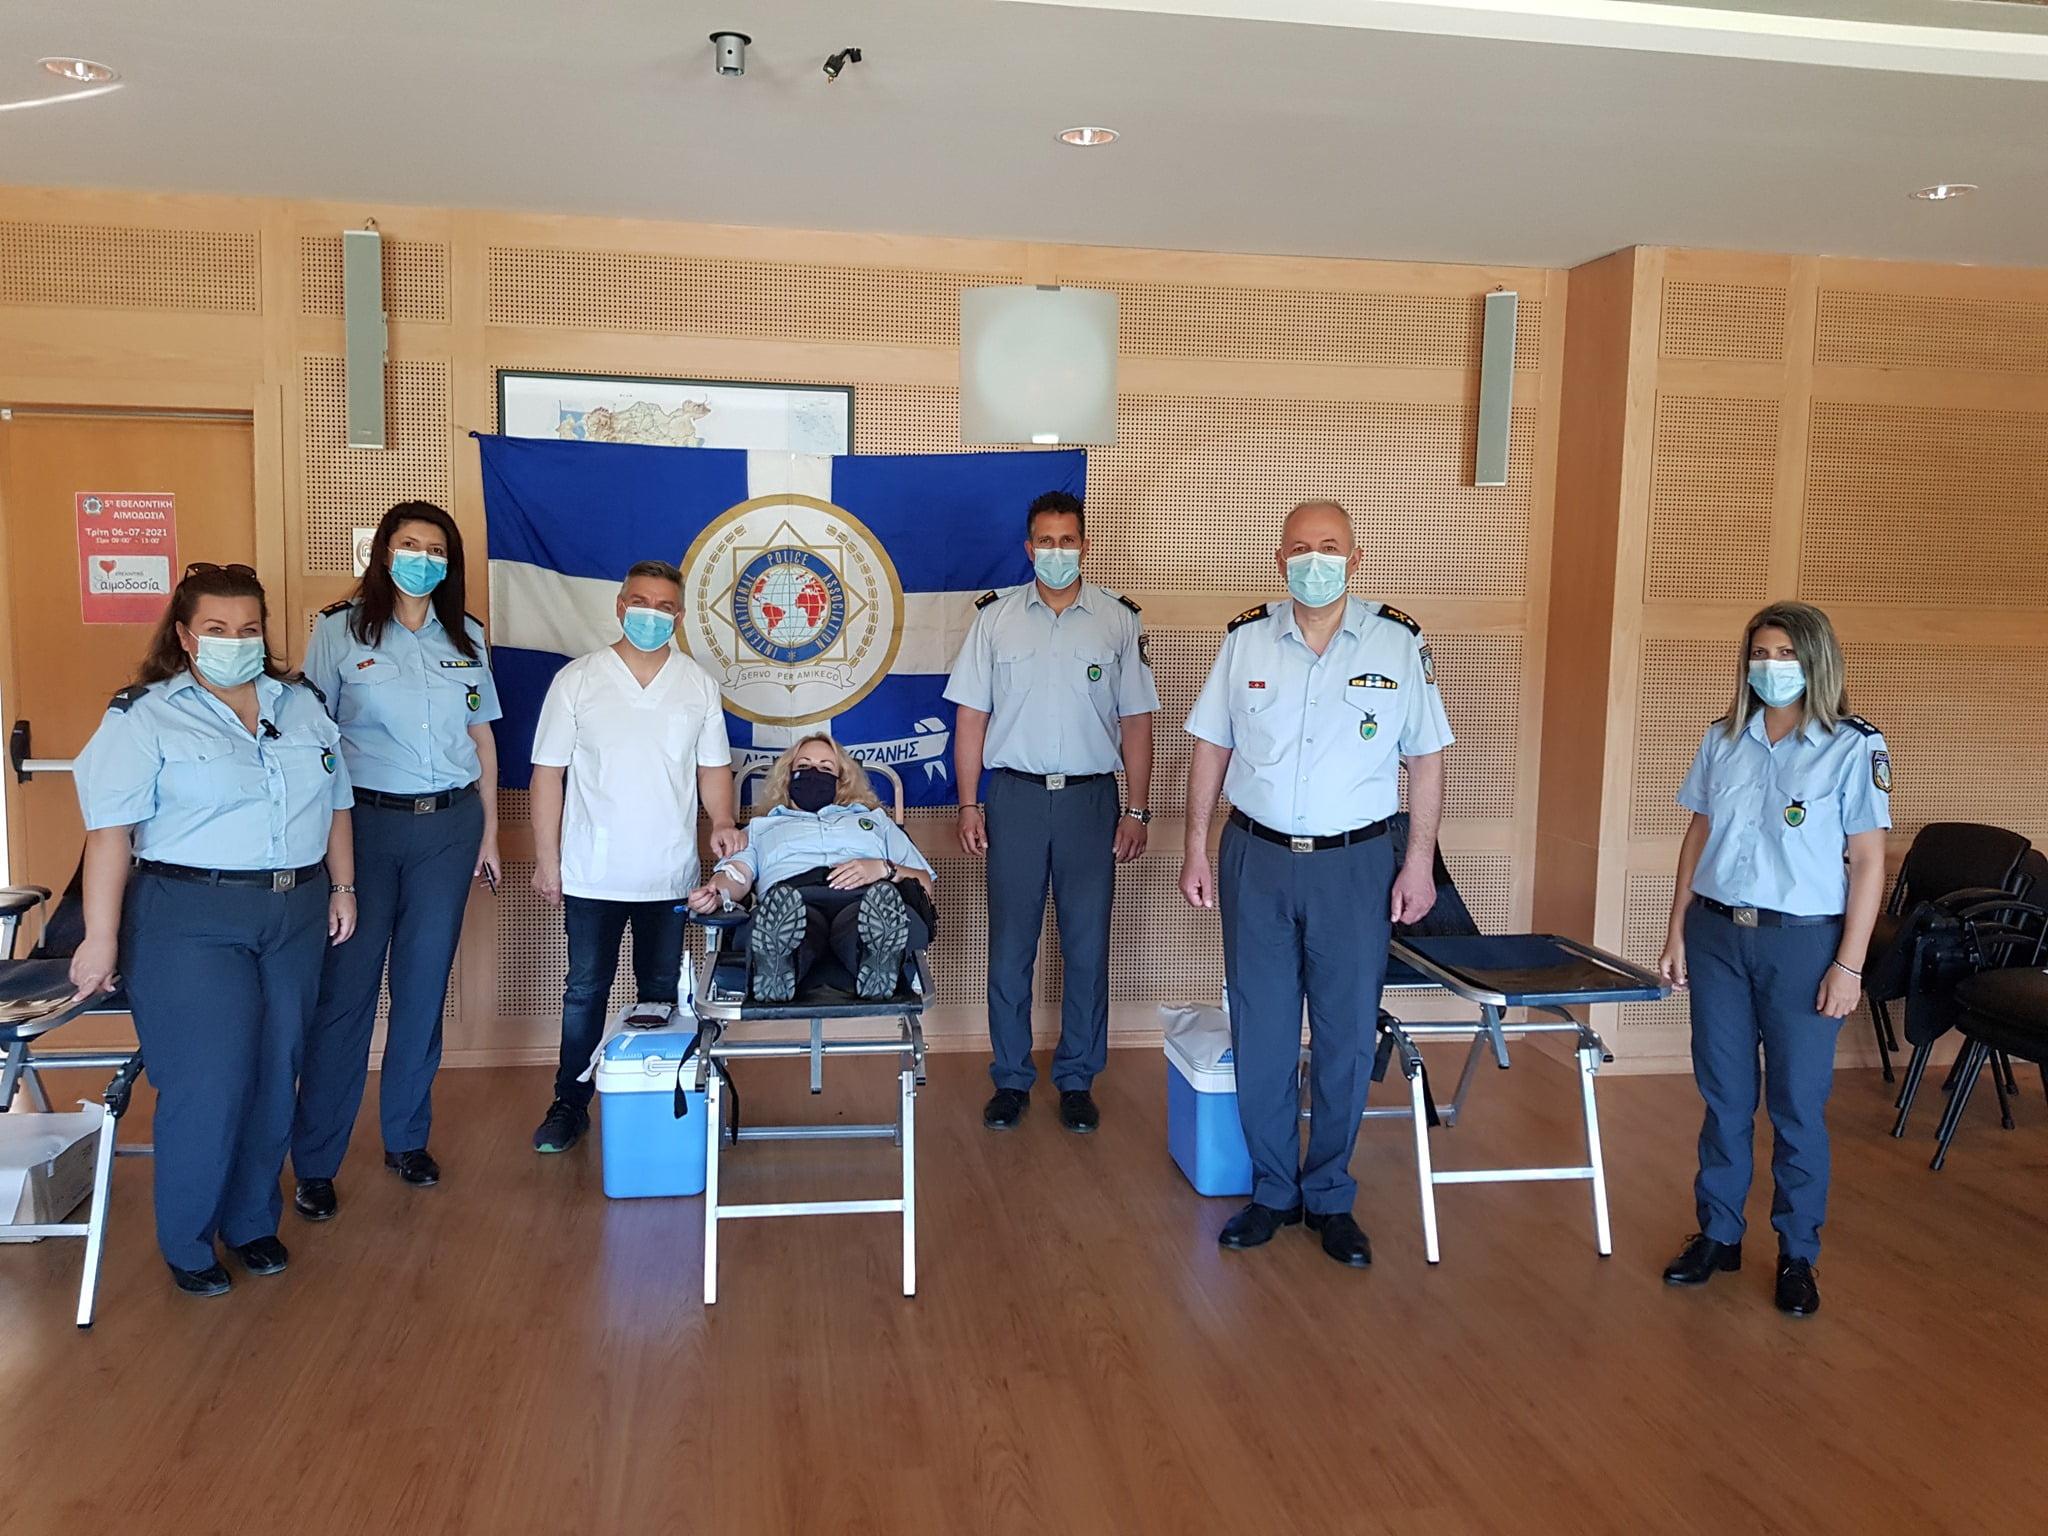 Με μεγάλη επιτυχία πραγματοποιήθηκε η 5η εθελοντική αιμοδοσία που διοργάνωσε η Τοπική Διοίκηση Κοζάνης της Διεθνούς Ένωσης Αστυνομικών (ΙΡΑ)